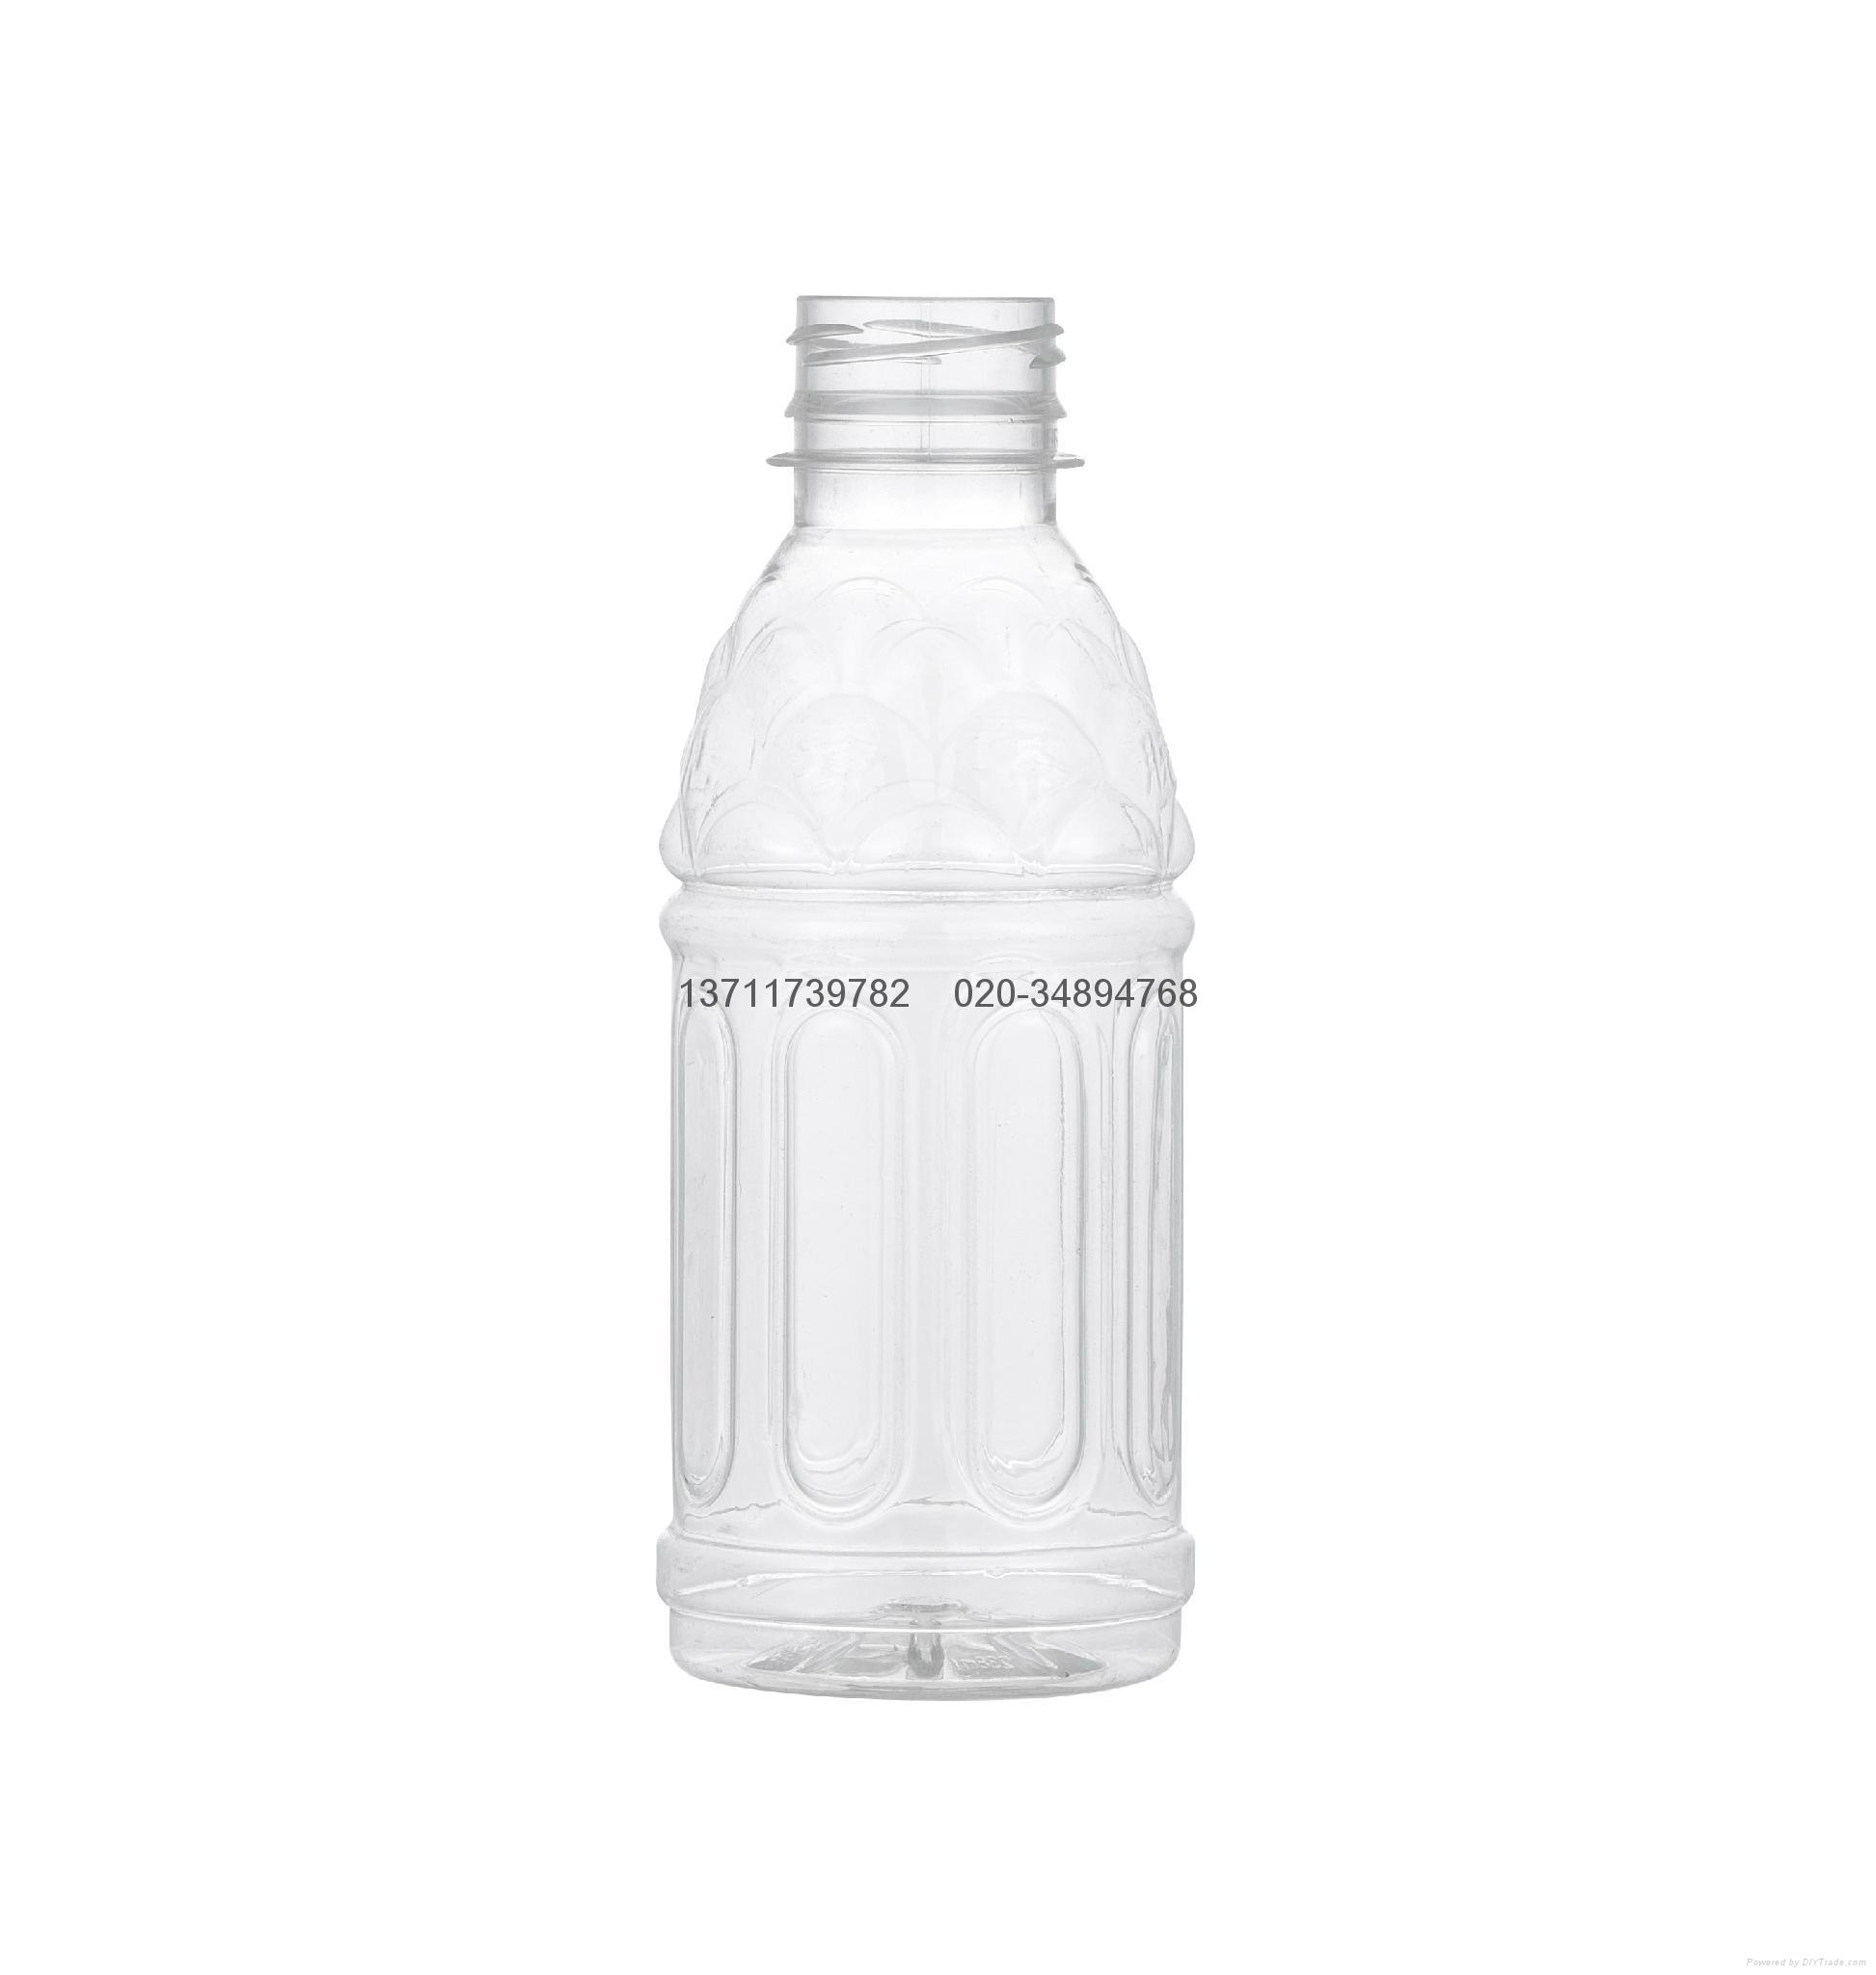 268毫升凉茶瓶,饮料瓶,蜂蜜瓶,果汁瓶 1